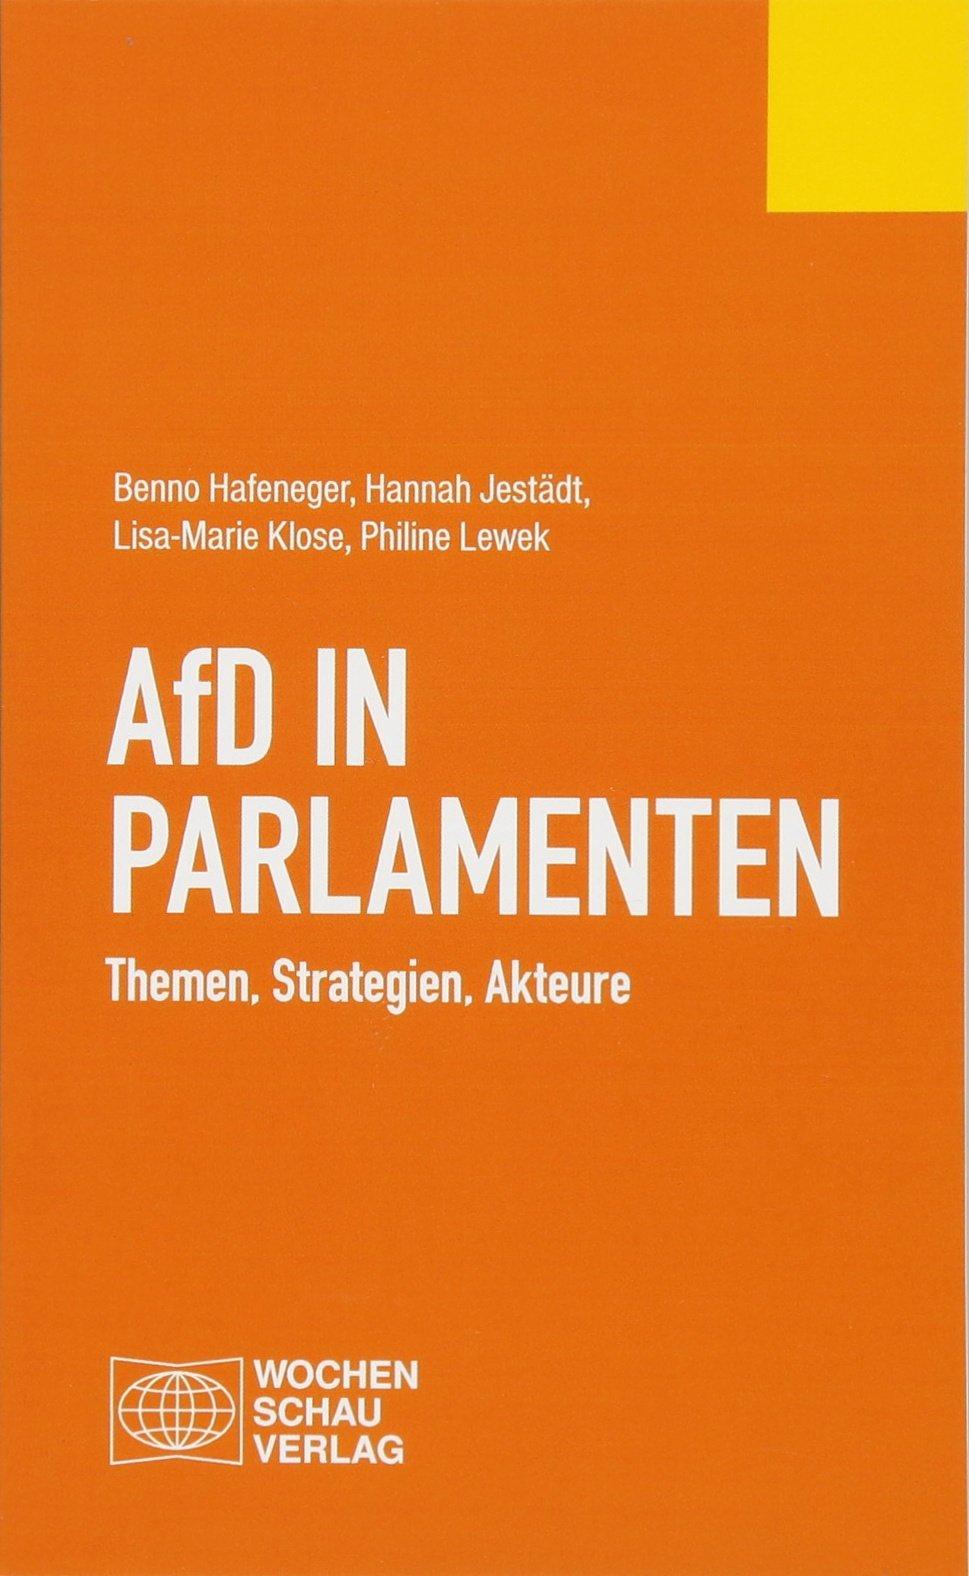 AfD in Parlamenten: Themen, Strategien, Akteure Taschenbuch – 1. März 2018 Benno Hafeneger Hannah Jestädt Lisa-Marie Klose Philine Lewek